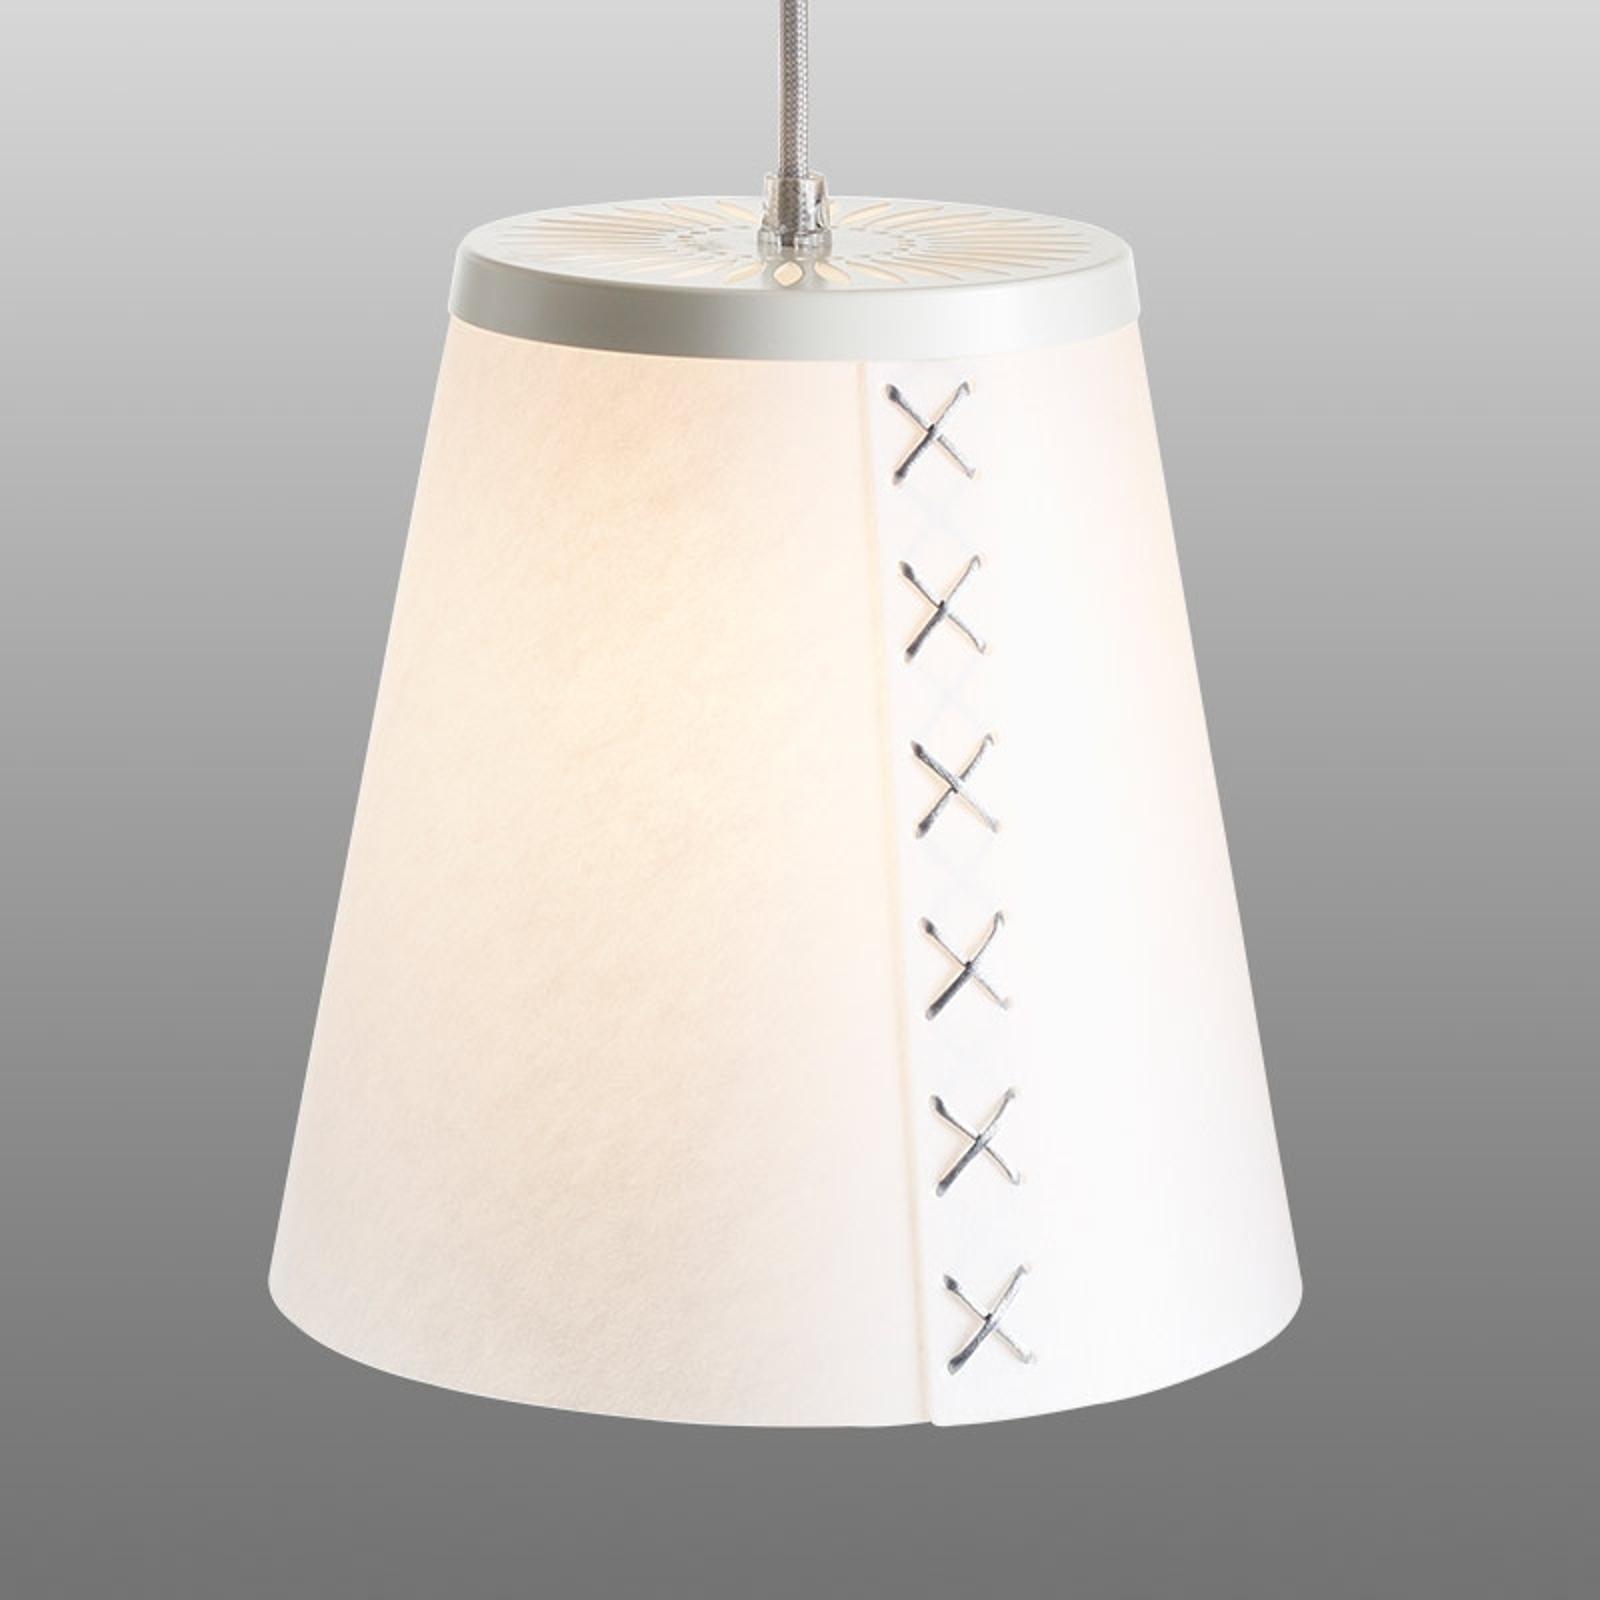 Flör lámpara colgante de lunopal, cable plata